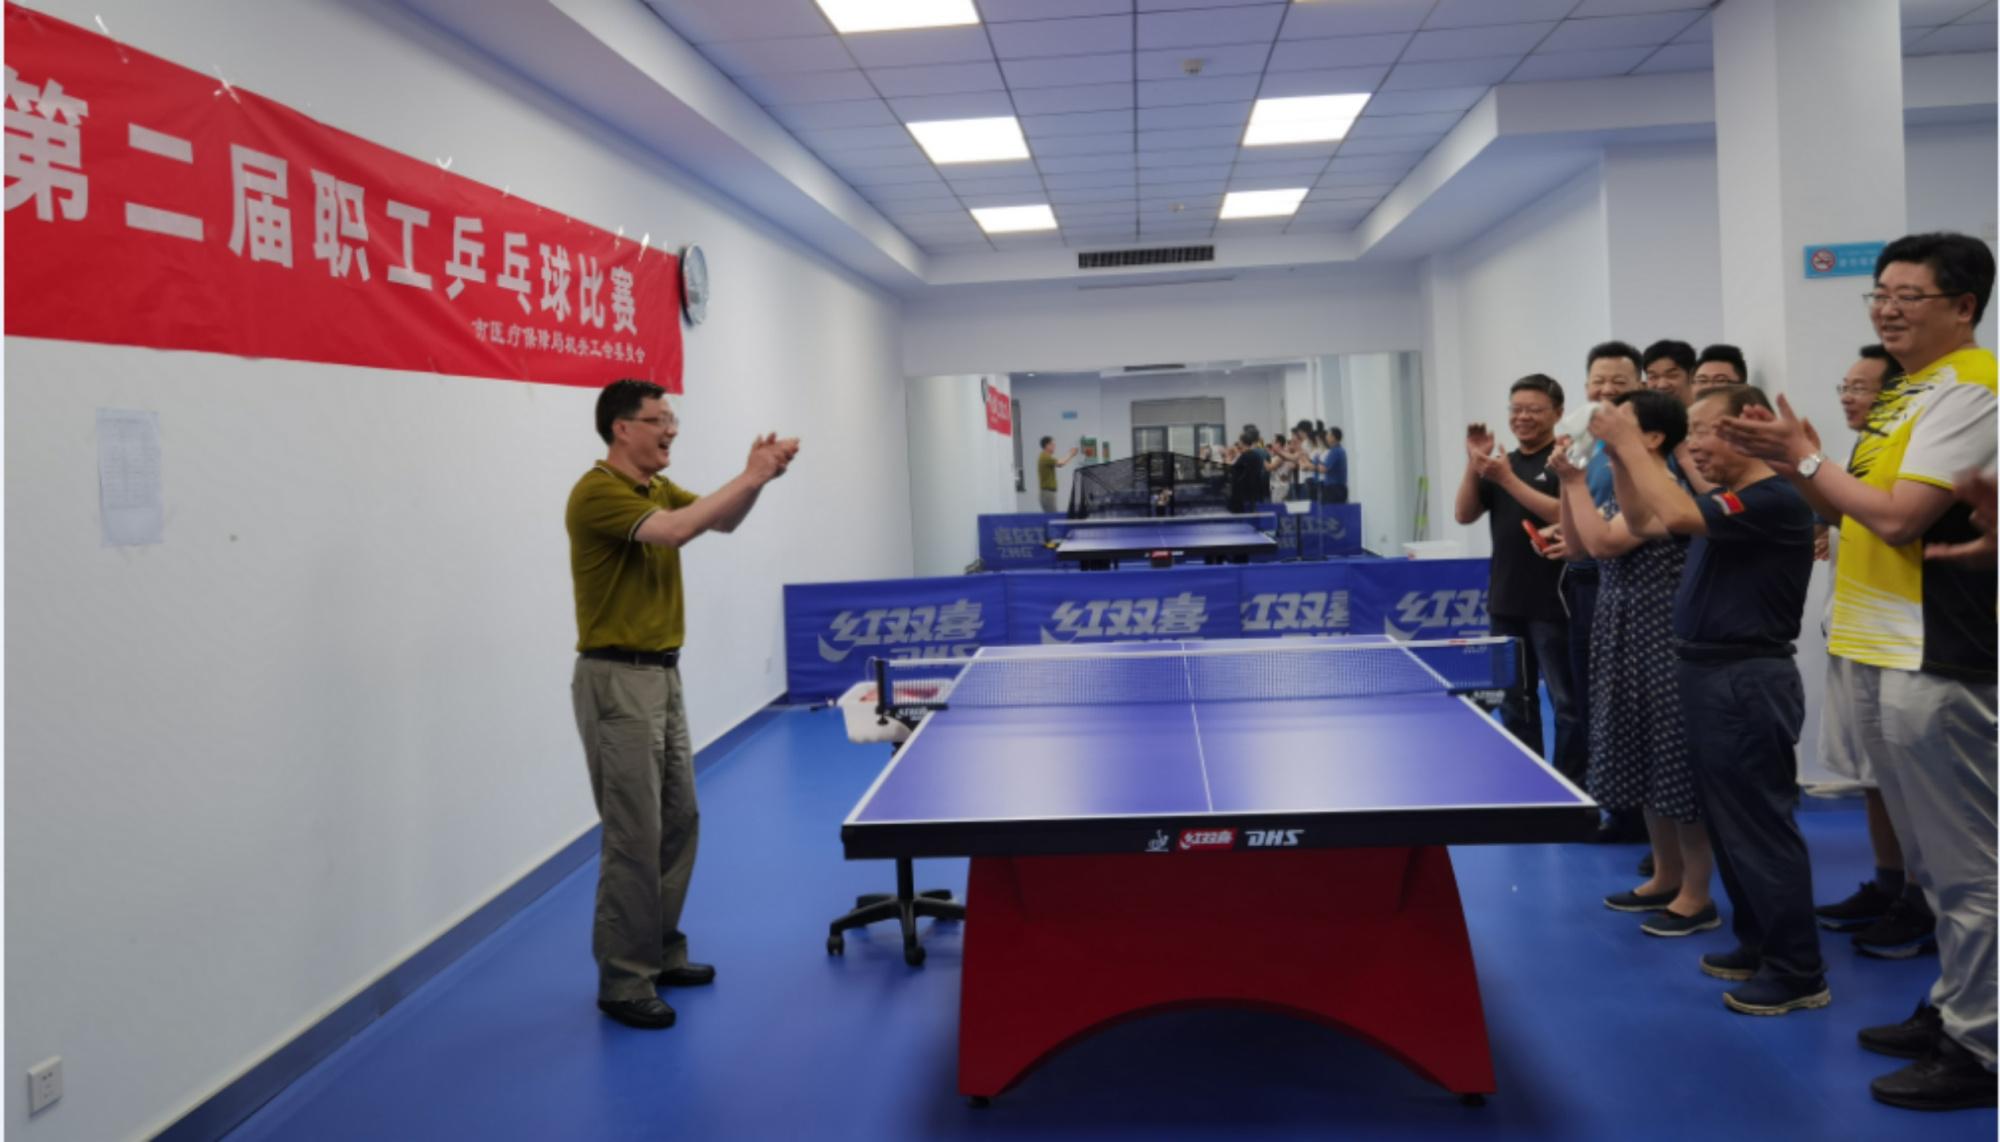 市医保局举办第二届职工乒乓球比赛